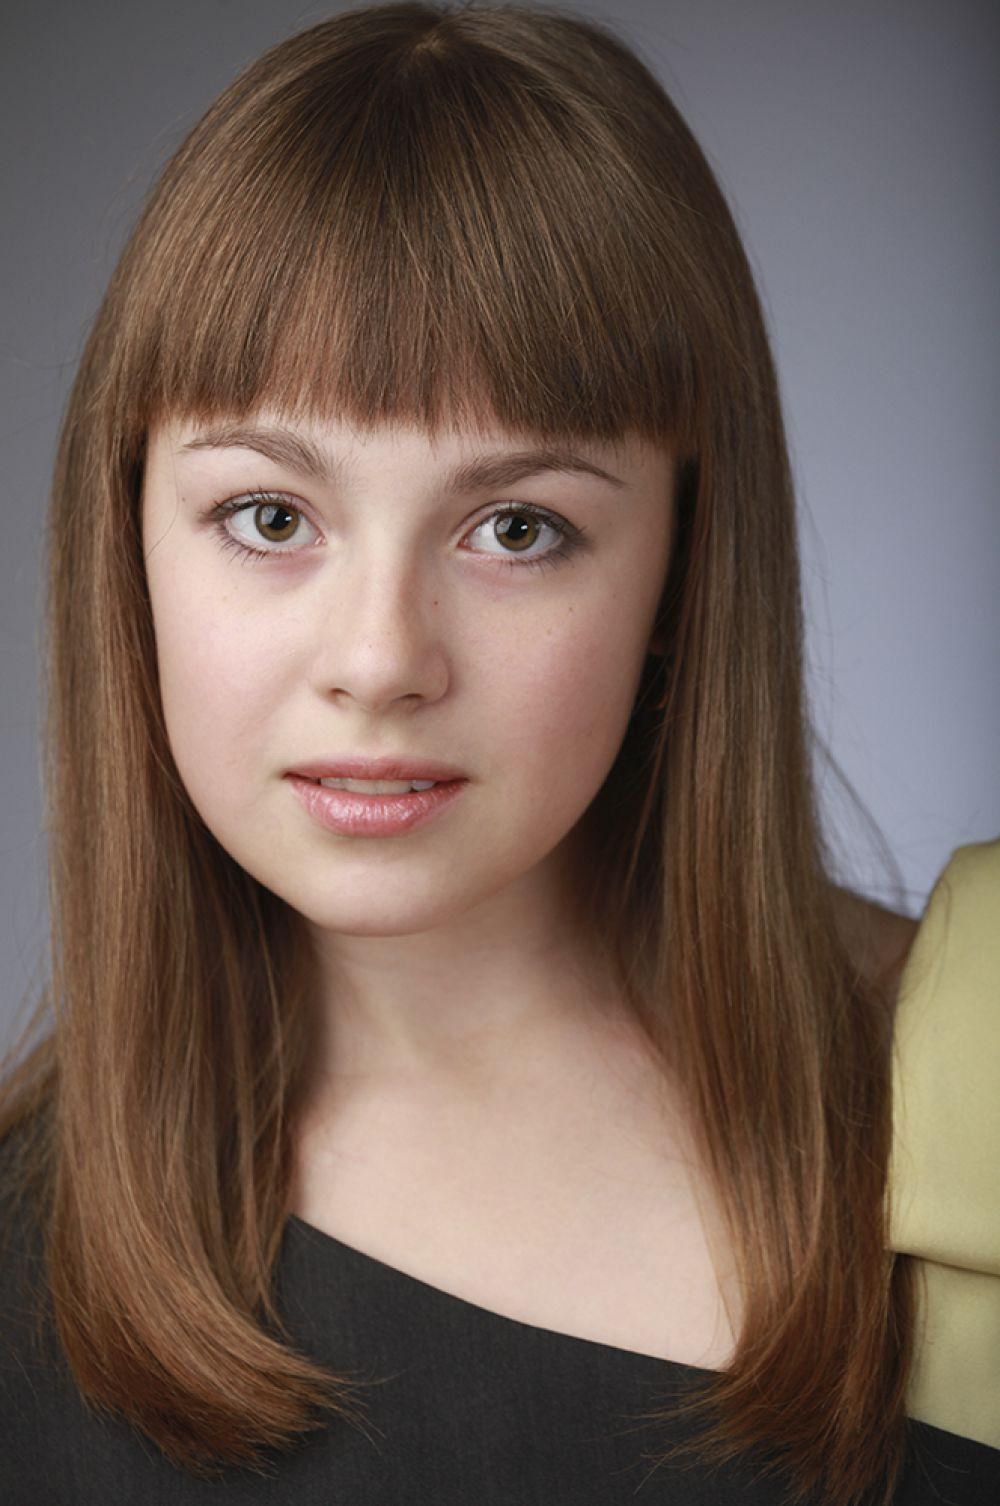 Элина Лалетина, 13 лет, 6-ой конкурс красоты и талантов «Юная Мисс Вятка-2016».